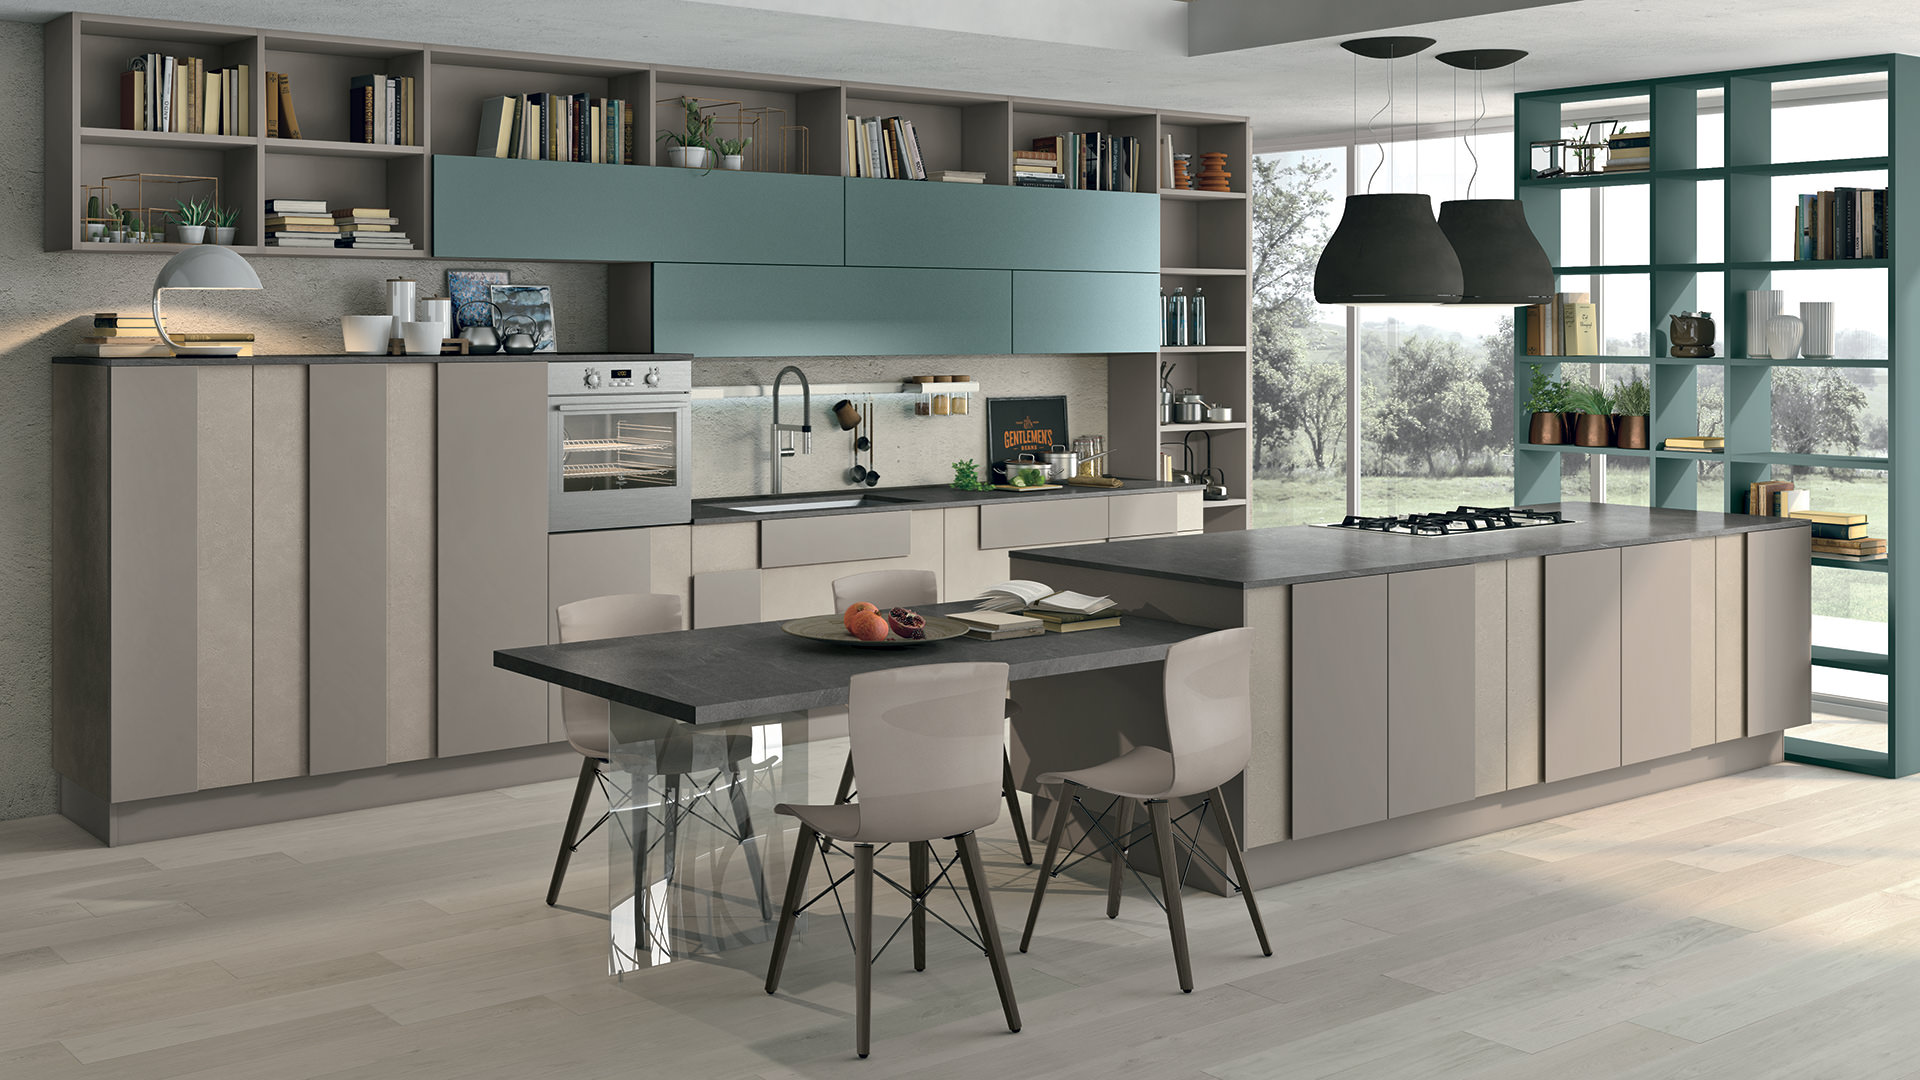 Cucine con isola lube9 rafaschieri arredamenti - Cucine con isola lube ...